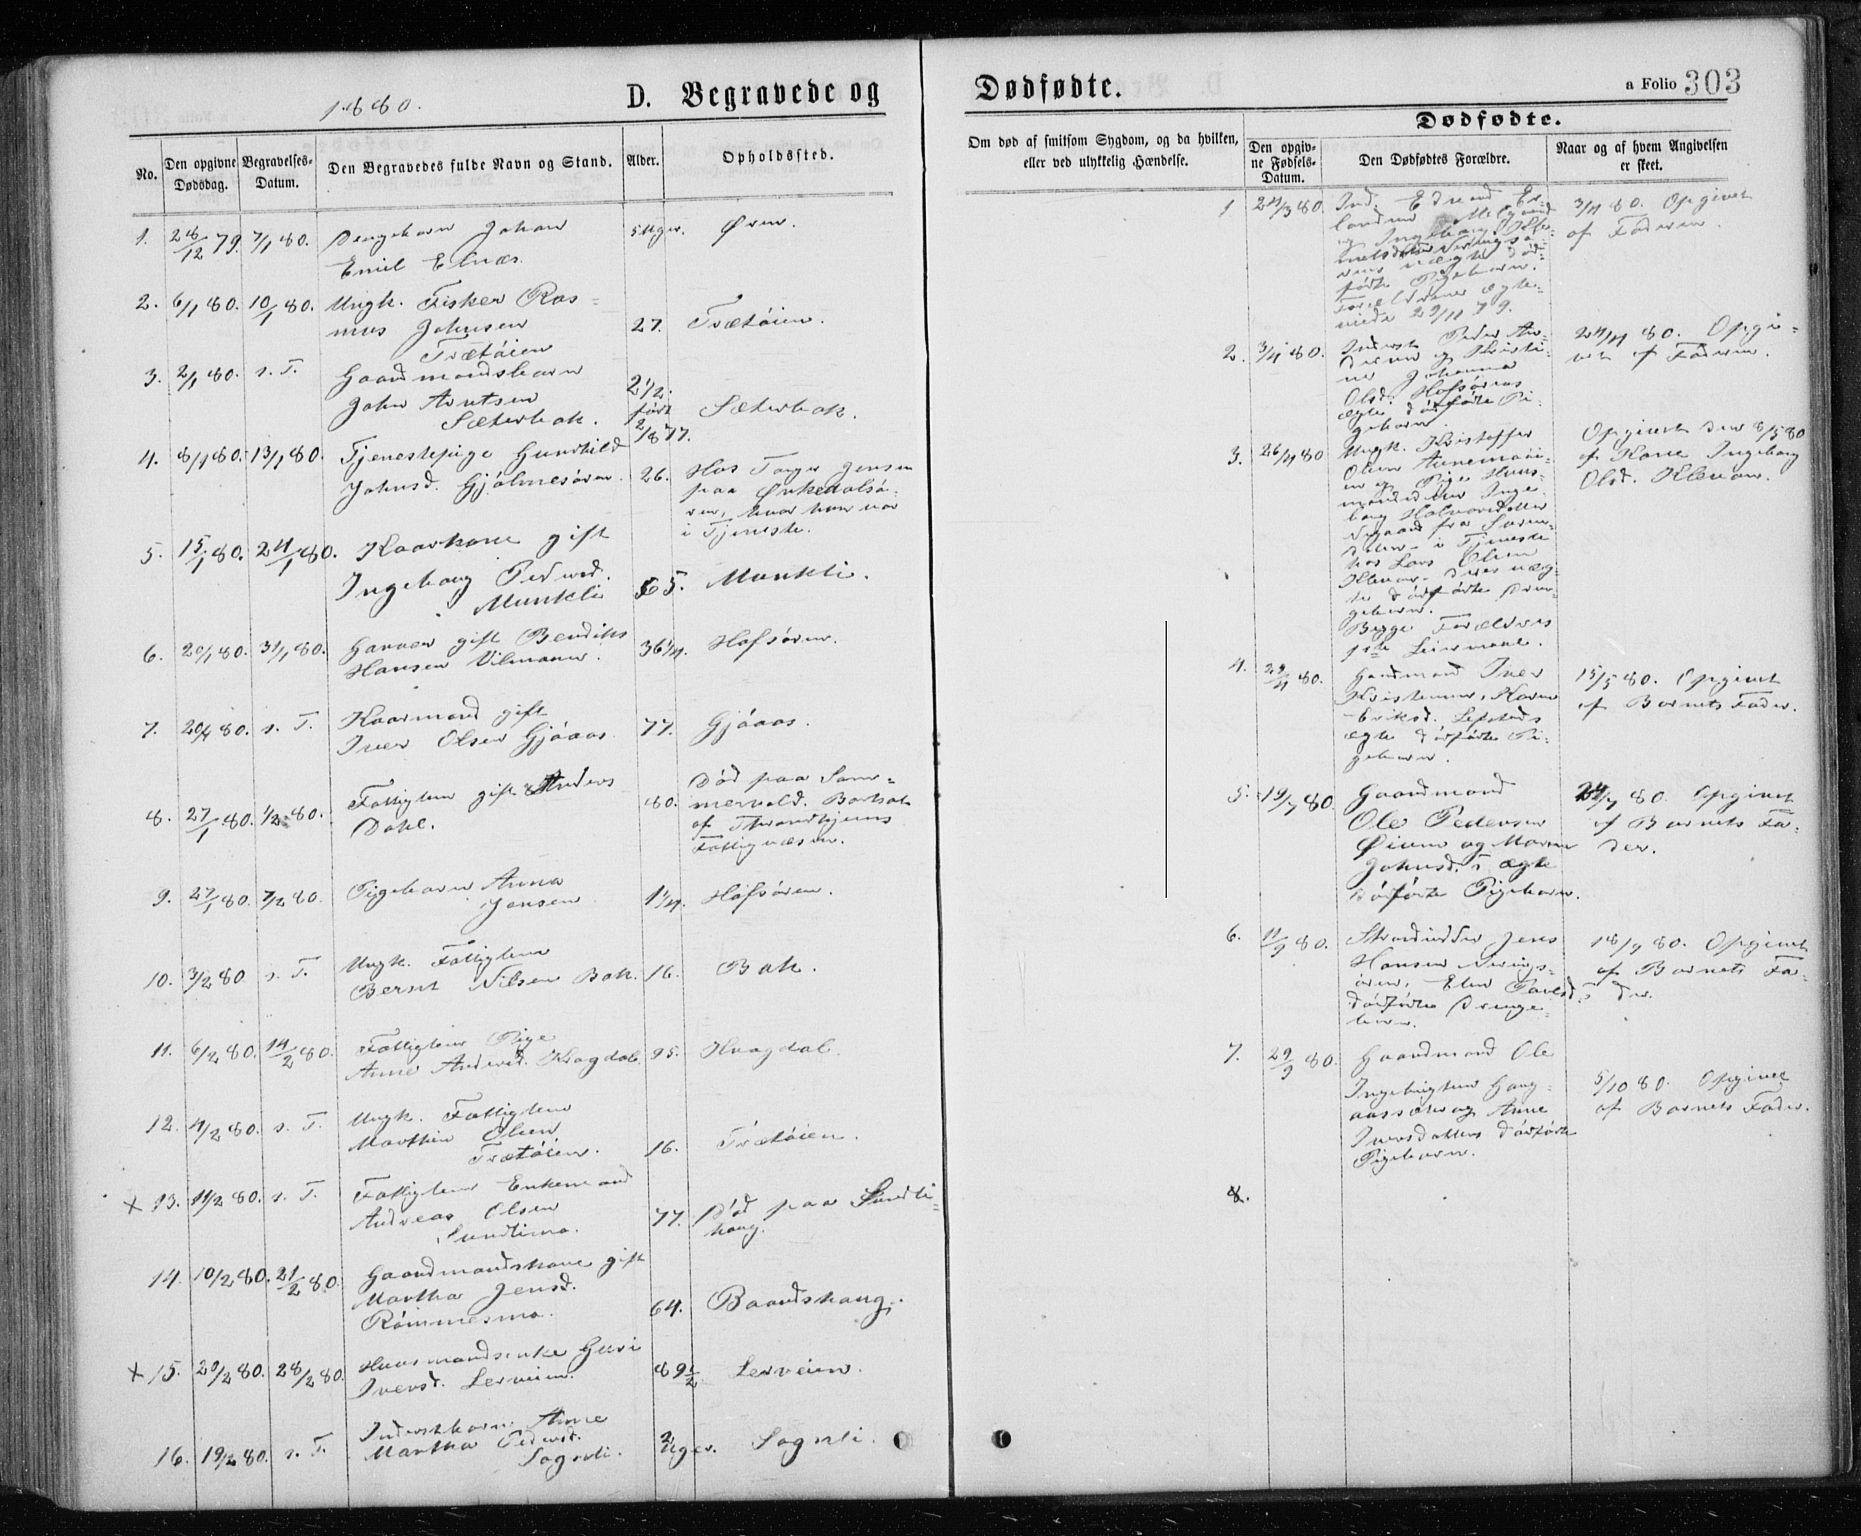 SAT, Ministerialprotokoller, klokkerbøker og fødselsregistre - Sør-Trøndelag, 668/L0817: Klokkerbok nr. 668C06, 1873-1884, s. 303